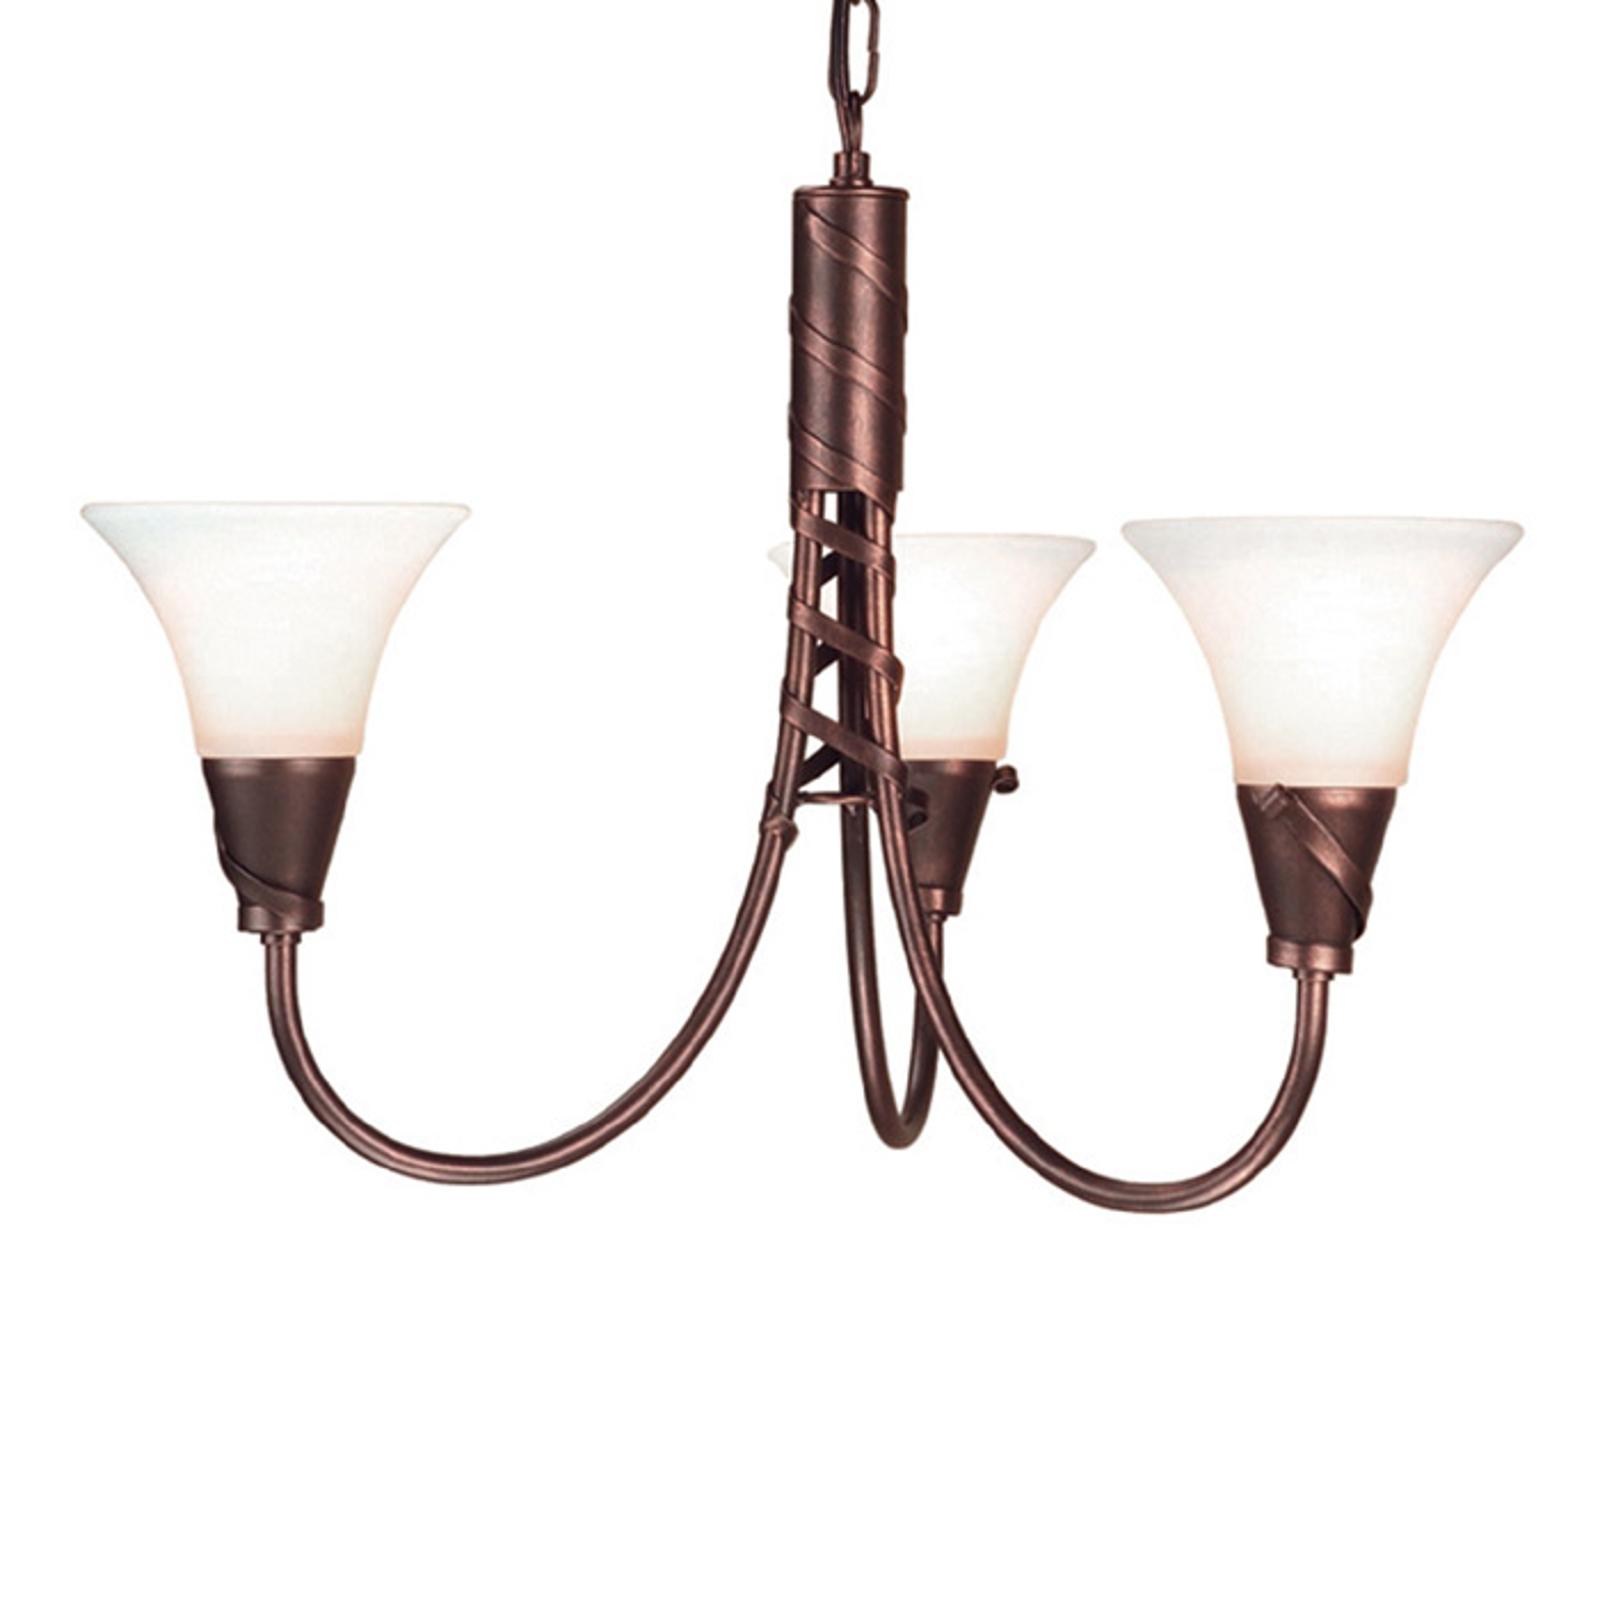 Sievä EMILY-riippuvalaisin, 3 lamppua